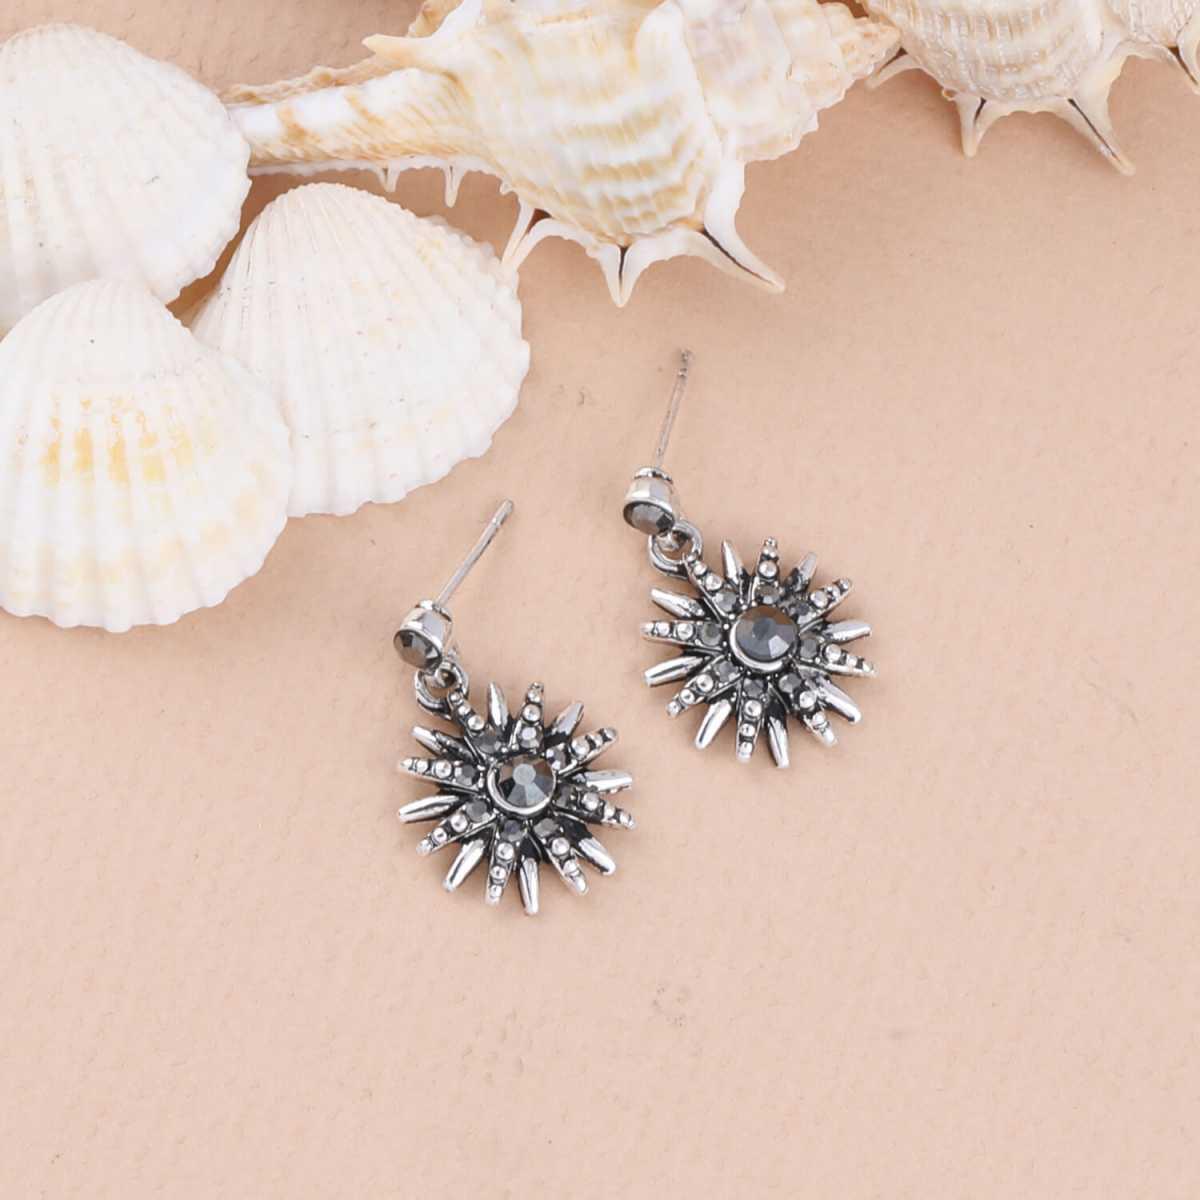 SILVER SHINE Charm Party Wear Stud Earring For Women Girl